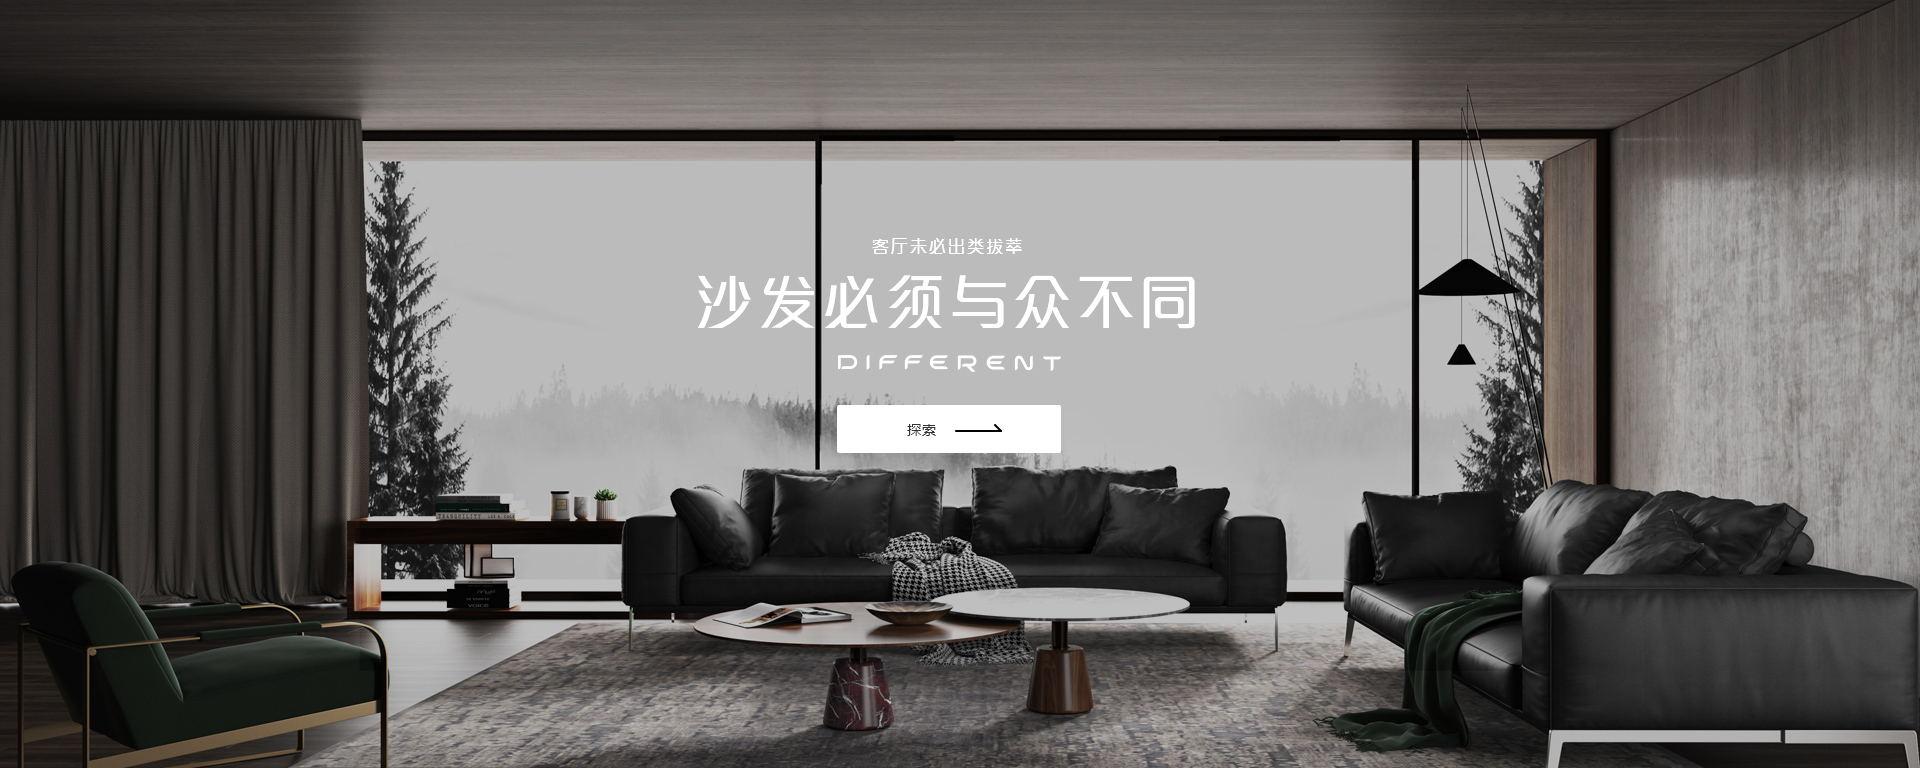 客厅未必出类拔萃,沙发必须与众不同